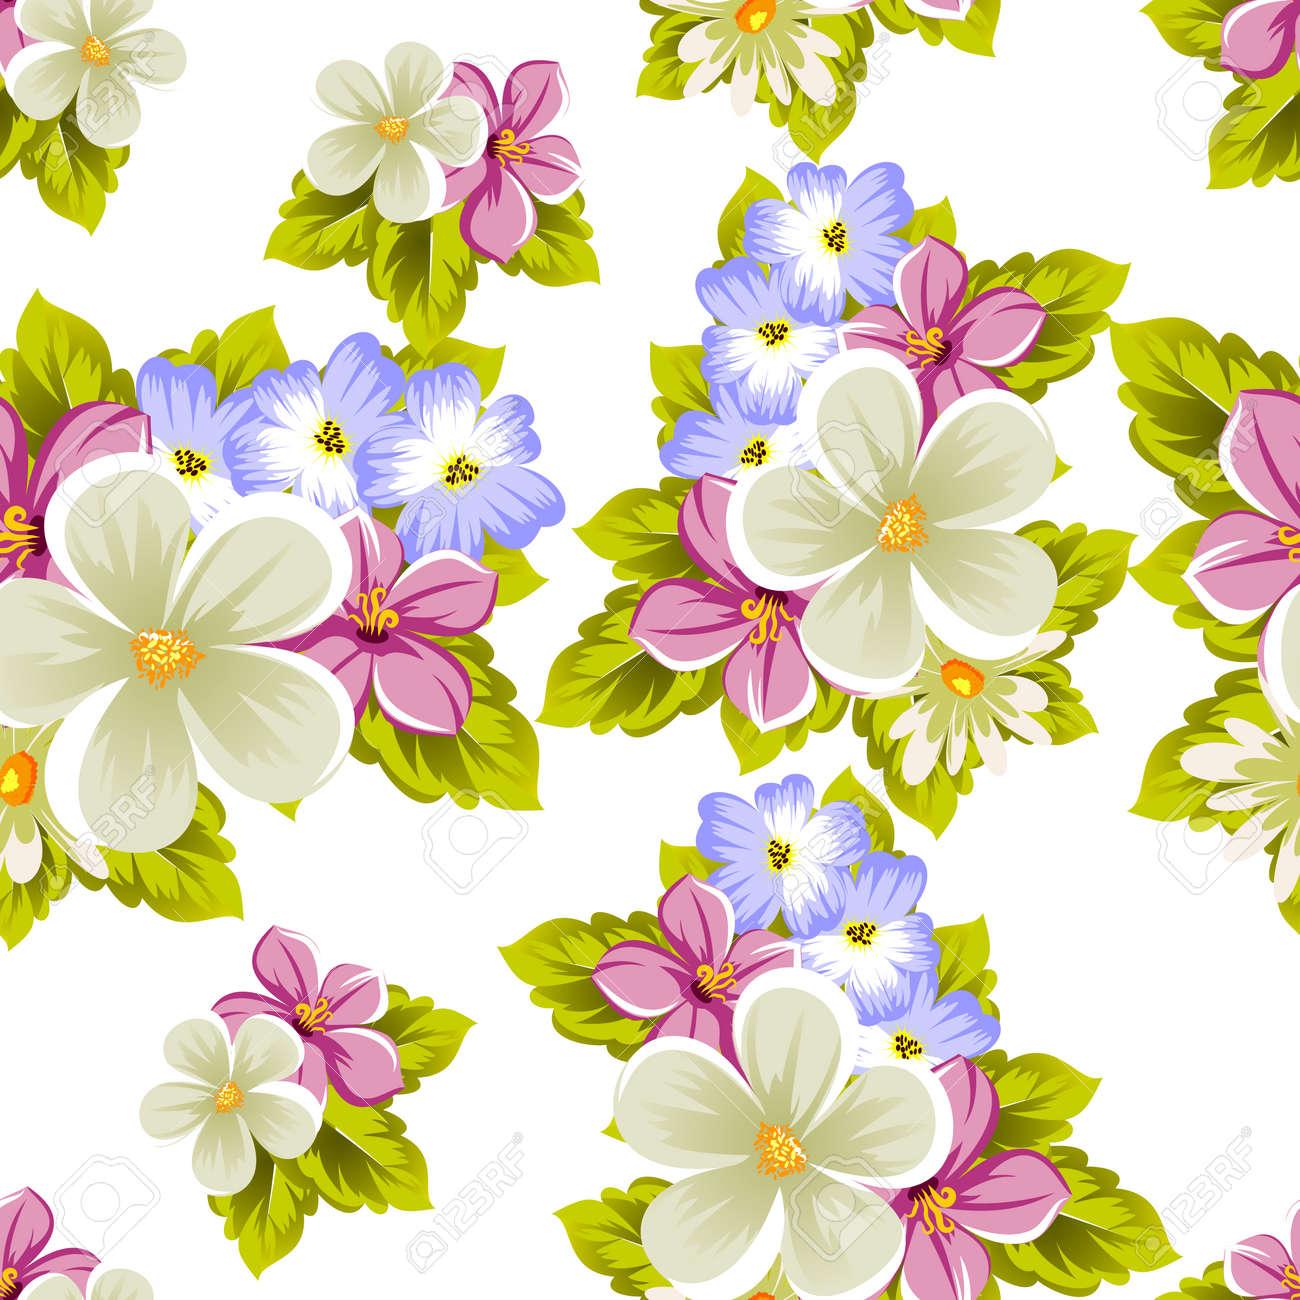 Patrón Floral Sin Fisuras De Varias Flores Para El Diseño De Tarjetas Invitaciones Saludo De Cumpleaños Boda Fiesta Vacaciones Celebración Día